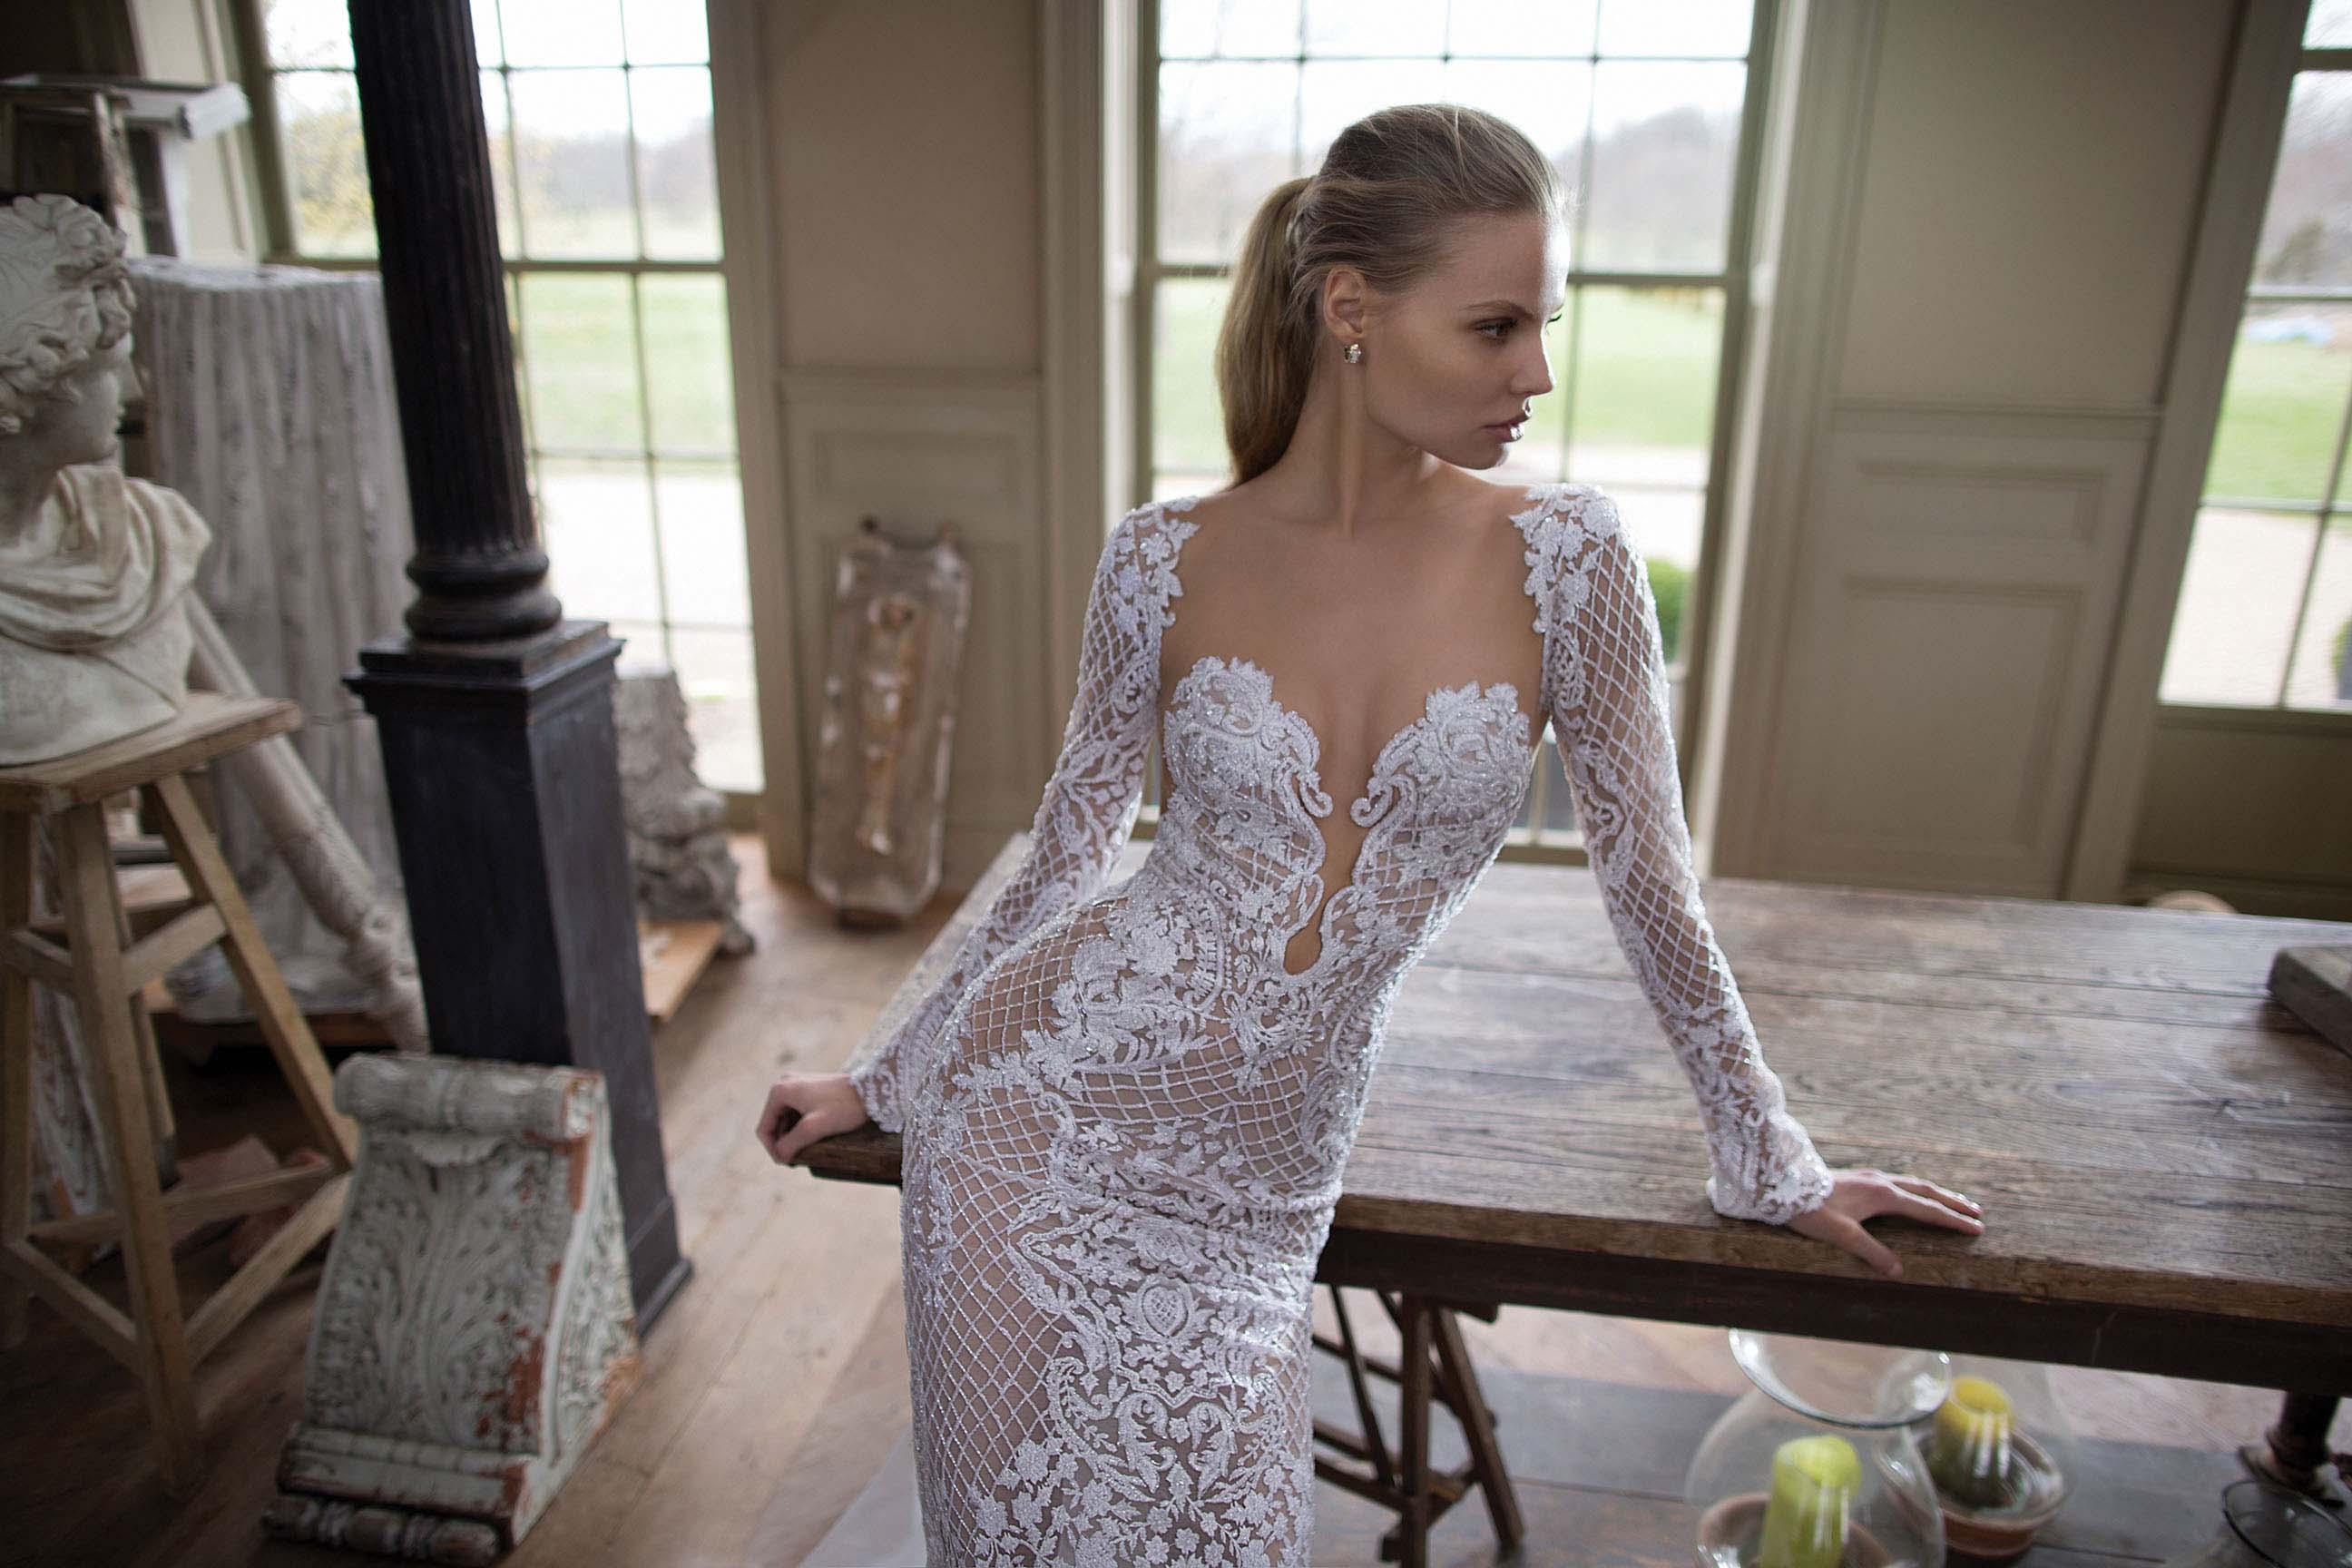 bb317b60a3 Magdalena Frąckowiak w kampanii sukien ślubnych Berta Bridal - przepiękne  zdjęcia! - Glamour.pl